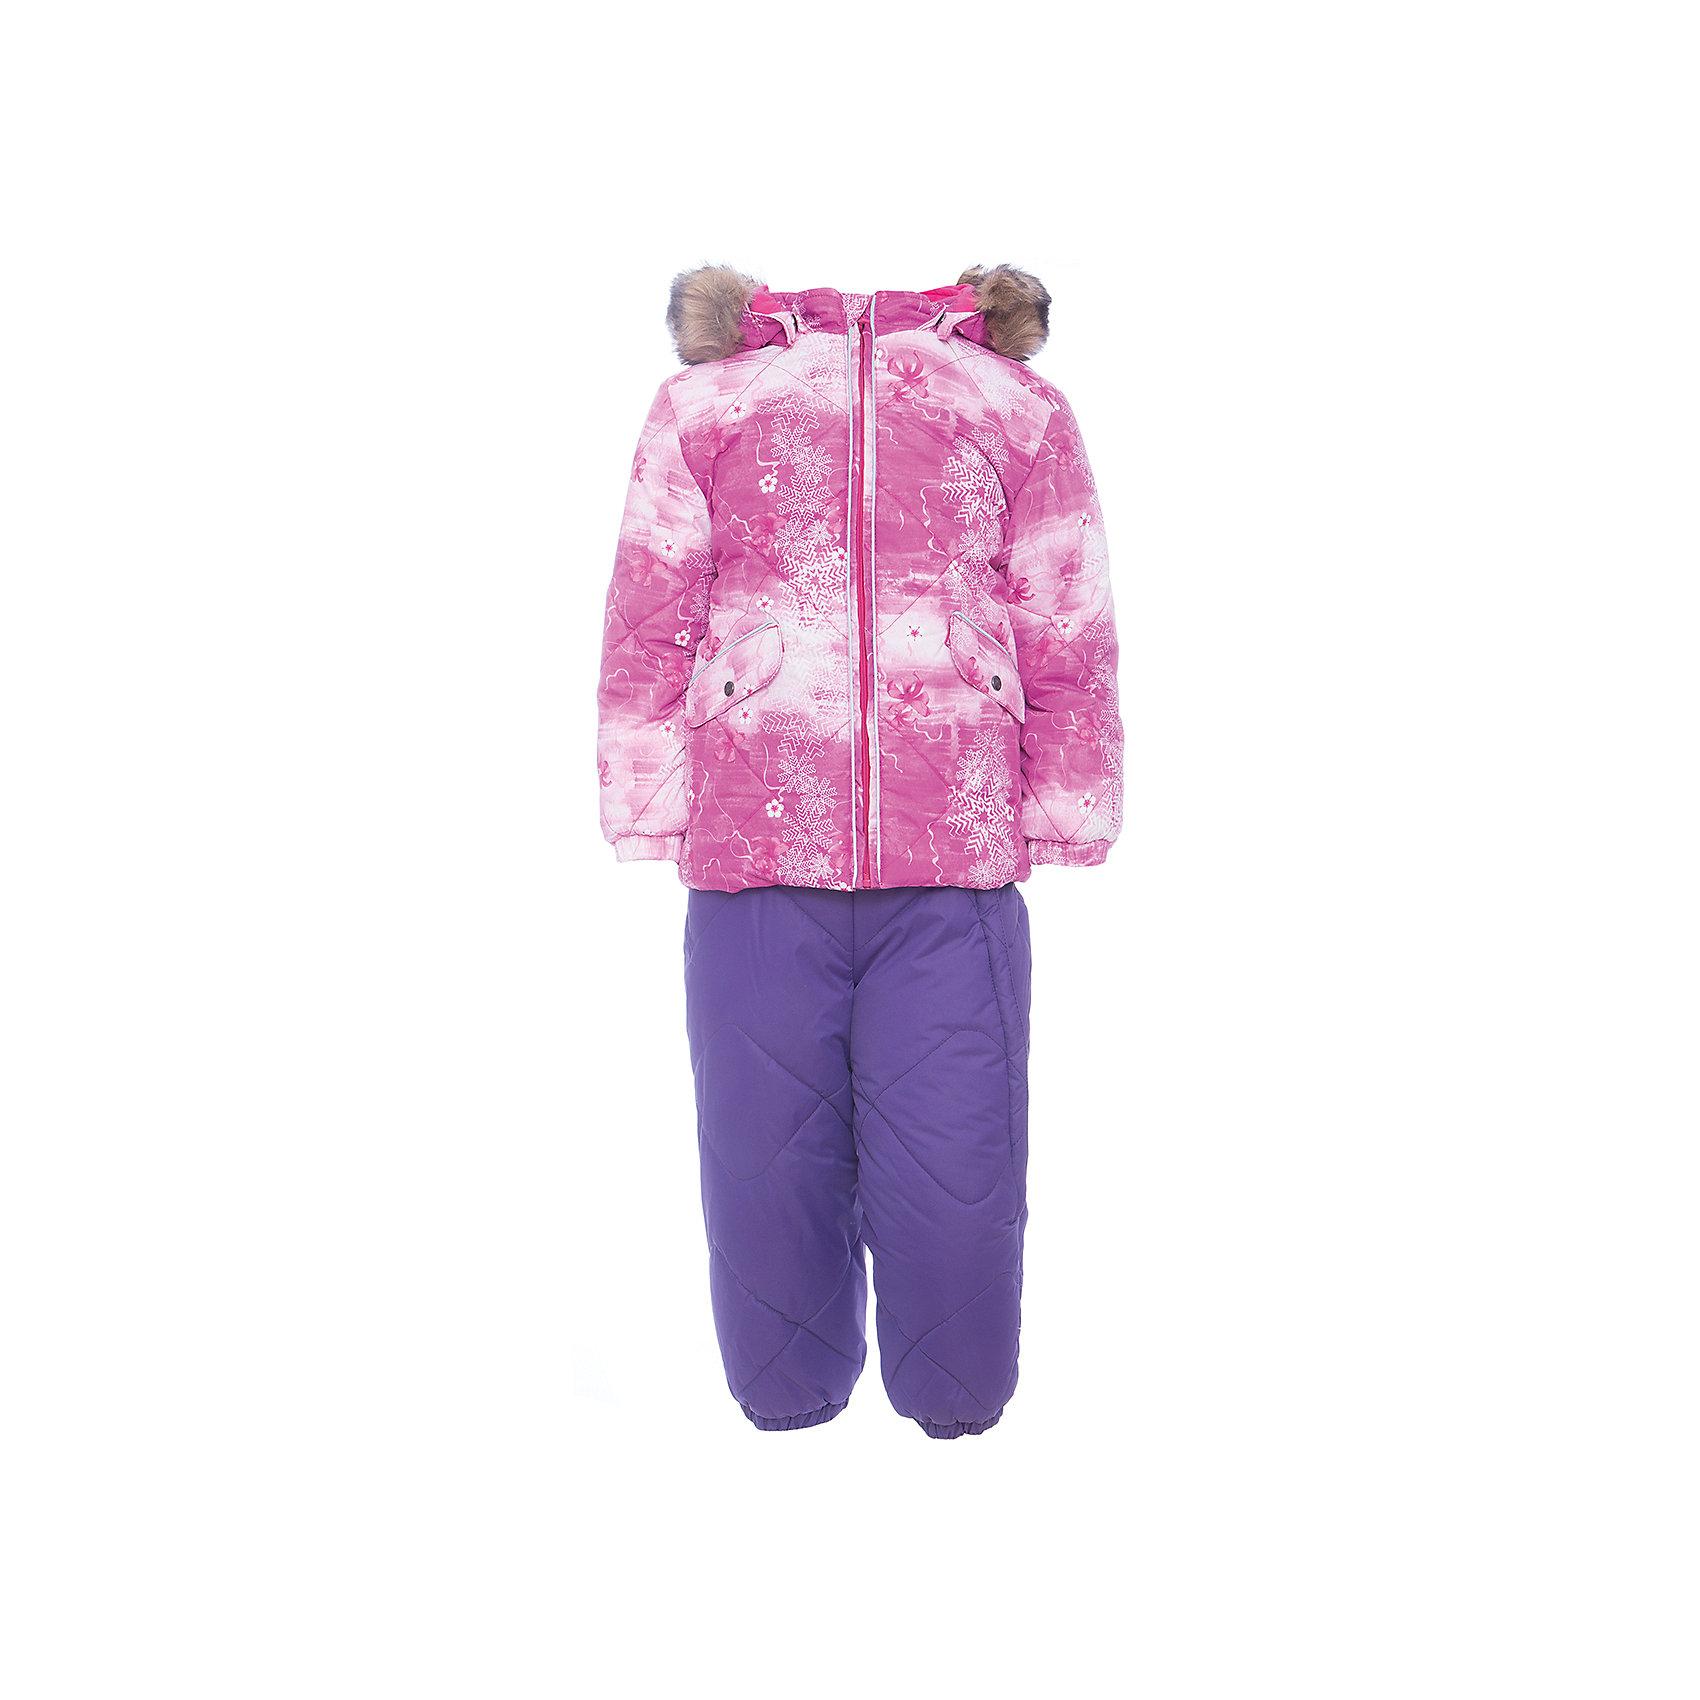 Комплект: куртка и брюки NOELLE 1 HuppaВерхняя одежда<br>Характеристики товара:<br><br>• модель: Noelle 1;<br>• цвет: фуксия принт/ фиолетовый;<br>• пол: девочка ;<br>• состав: 100% полиэстер;<br>• утеплитель: полиэстер, 300 гр куртка / 160гр брюки;<br>• подкладка: куртка: полиэстер - тафта / полукомбинезон: 100% хлопок - фланель;<br>• сезон: зима;<br>• температурный режим: от -5 до - 30С;<br>• водонепроницаемость: 5000 мм  ;<br>• воздухопроницаемость: 5000 г/м2/24ч;<br>• водо- и ветронепроницаемый, дышащий и грязеотталкивающий материал;<br>• особенности модели: c рисунком; с мехом;<br>• капюшон при необходимости отстегивается;<br>• искусственный мех на капюшоне съемный ;<br>• защита подбородка от защемления;<br>• светоотражающих элементов для безопасности ребенка ;<br>• карманы на кнопках;<br>• манжеты рукавов на резинке; <br>• манжеты брюк на резинках;<br>• съемные силиконовые штрипки;<br>• внутренняя регулировка обхвата талии;<br>• страна бренда: Финляндия;<br>• страна изготовитель: Эстония.<br><br>Зимний комплект Noelle 1 для девочки бренда HUPPA влагонепроницаемый и дышащий. Куртка с утеплителем 300 гр и брюки с утеплителем 160 гр подойдут на температуру от -5 до -30 градусов. Подкладка —фланель - 100% хлопок,тафта.<br><br>Функциональные элементы: Куртка: капюшон отстегивается с помощью кнопок, мех отстегивается, защита подбородка от защемления, мягкая меховая подкладка, карманы на кнопках, манжеты на резинке, светоотражающие элементы. Брюки: регулируемые лямки, удлиненная косая молния, карман без застежек, подол штанин на резинке, съемные силиконовые штрипки, светоотражающие элементы. <br><br>Зимний комплект Noelle 1 для девочки бренда HUPPA  можно купить в нашем интернет-магазине.<br><br>Ширина мм: 356<br>Глубина мм: 10<br>Высота мм: 245<br>Вес г: 519<br>Цвет: фуксия<br>Возраст от месяцев: 36<br>Возраст до месяцев: 48<br>Пол: Унисекс<br>Возраст: Детский<br>Размер: 104,80,86,92,98<br>SKU: 7024664